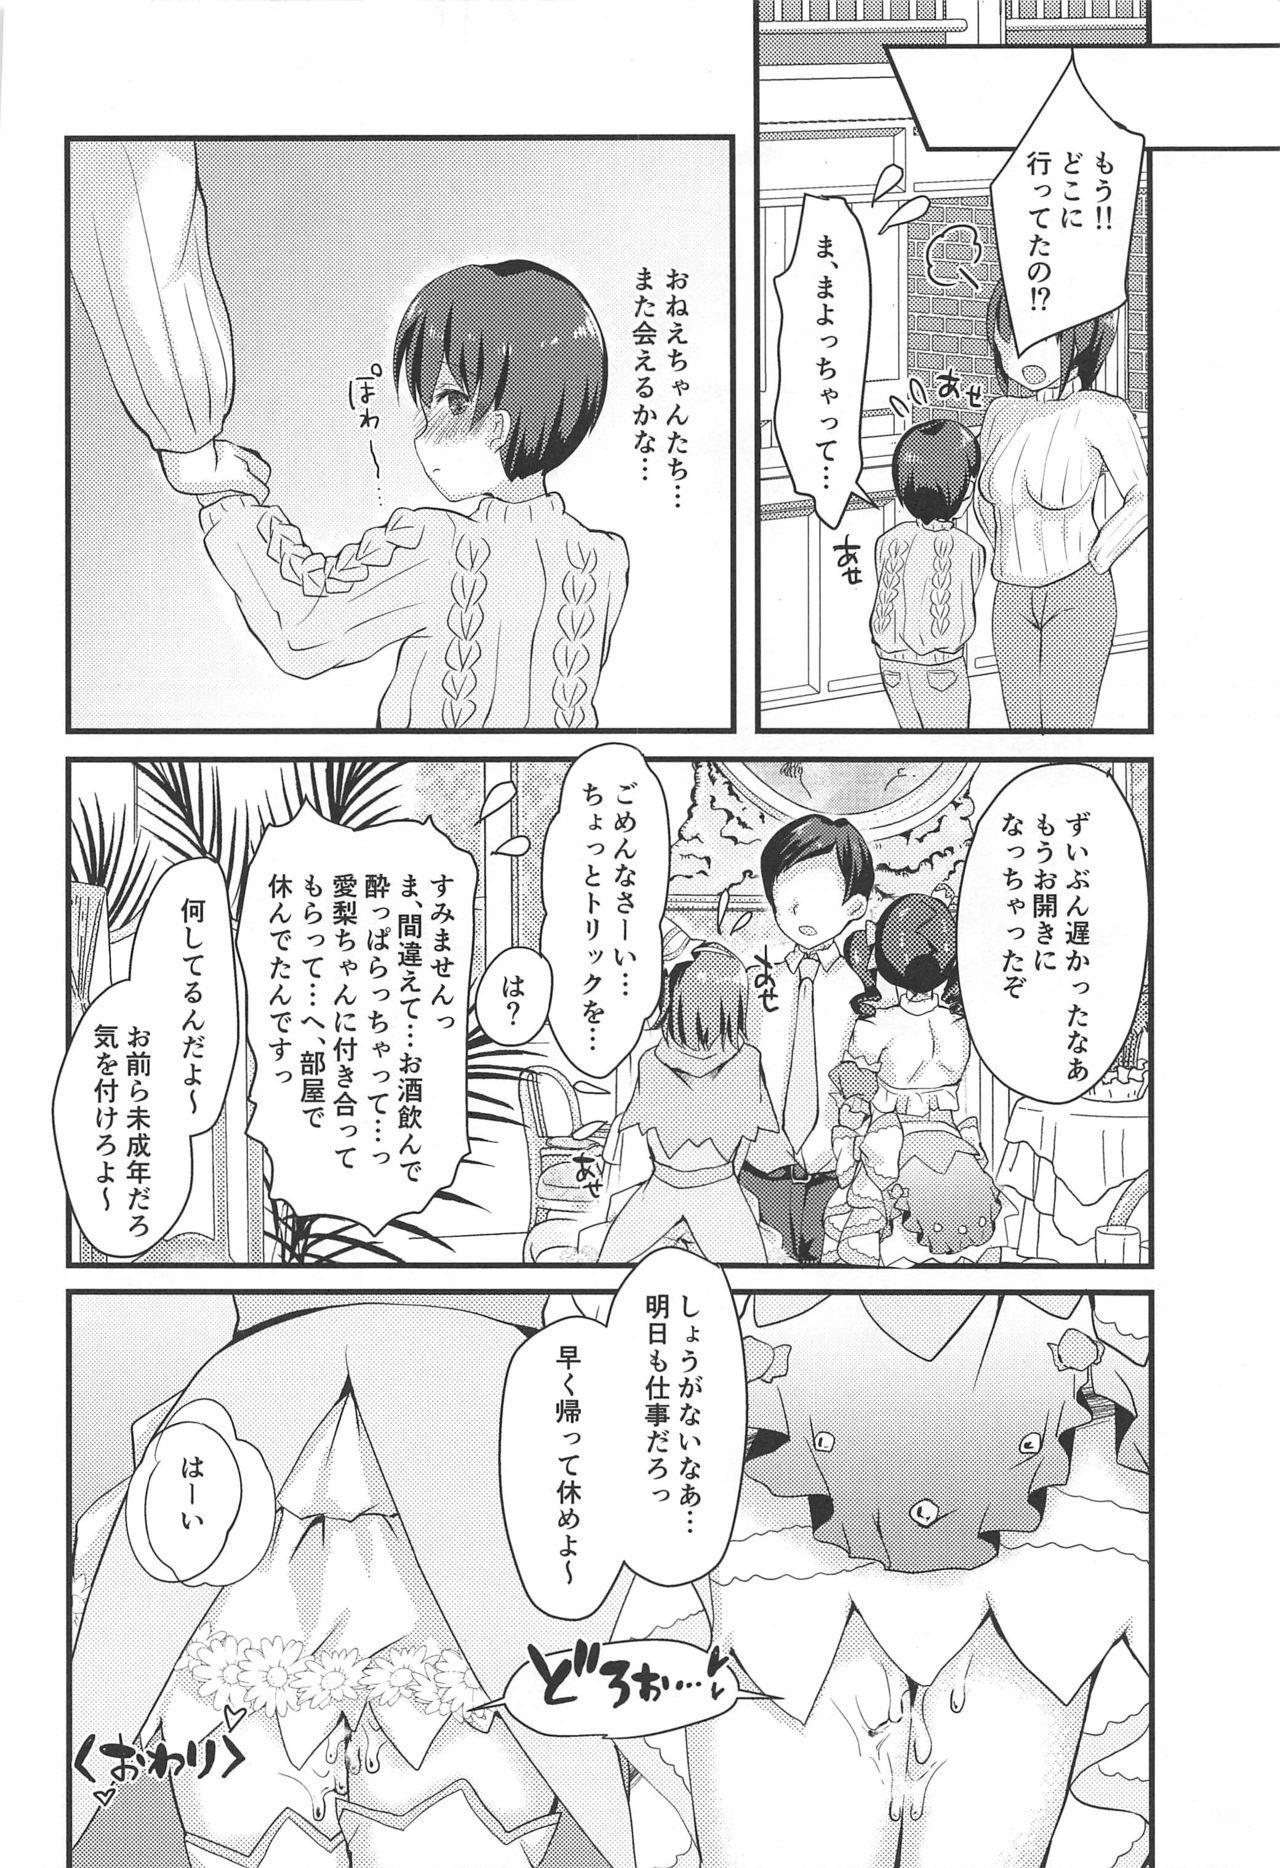 Totoki Airi to Mimura Kanako ni Shota ga Kotteri Sakusei Sareru Hon 22